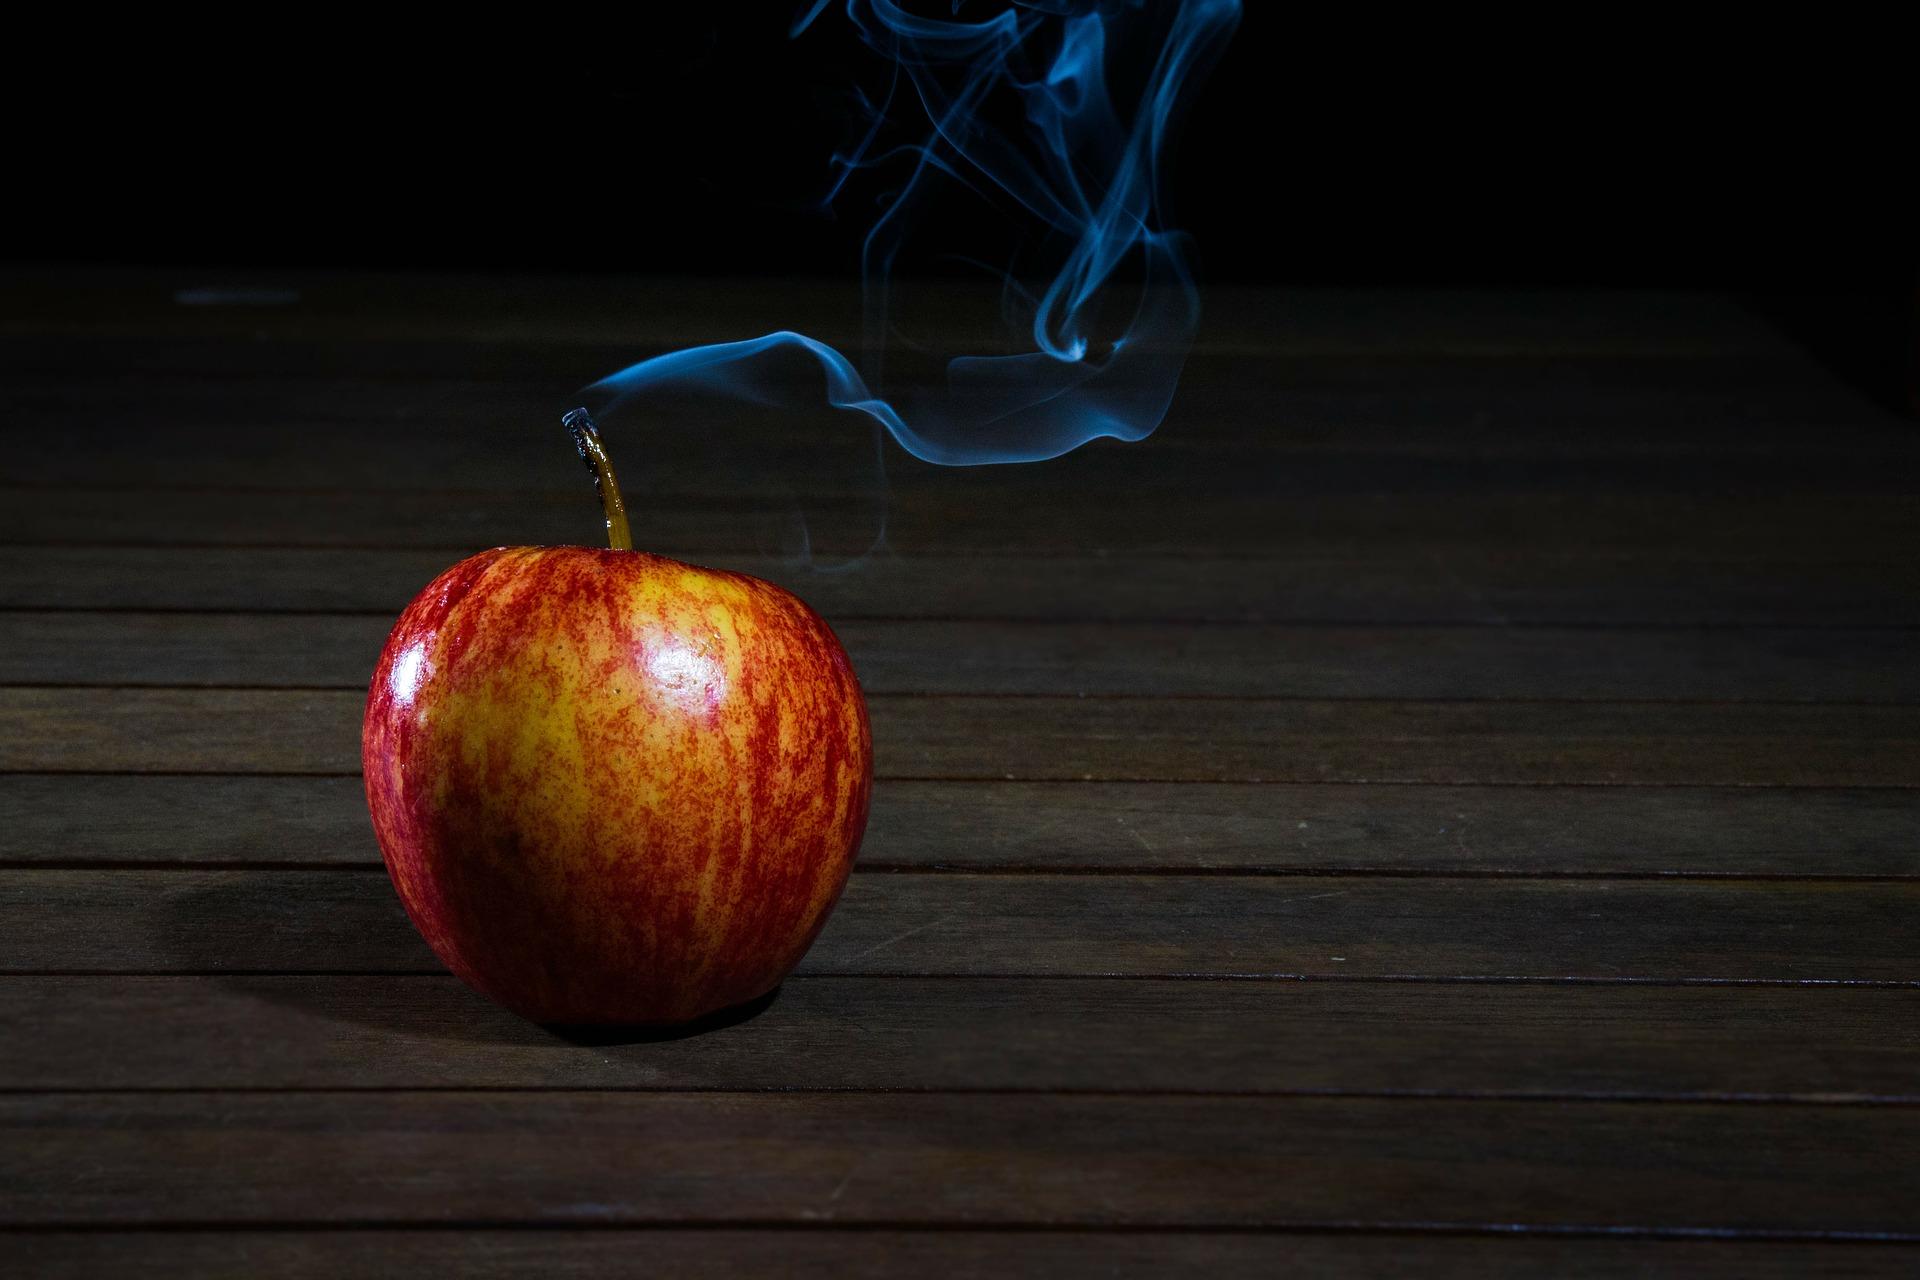 ビタミン入りのタバコから煙